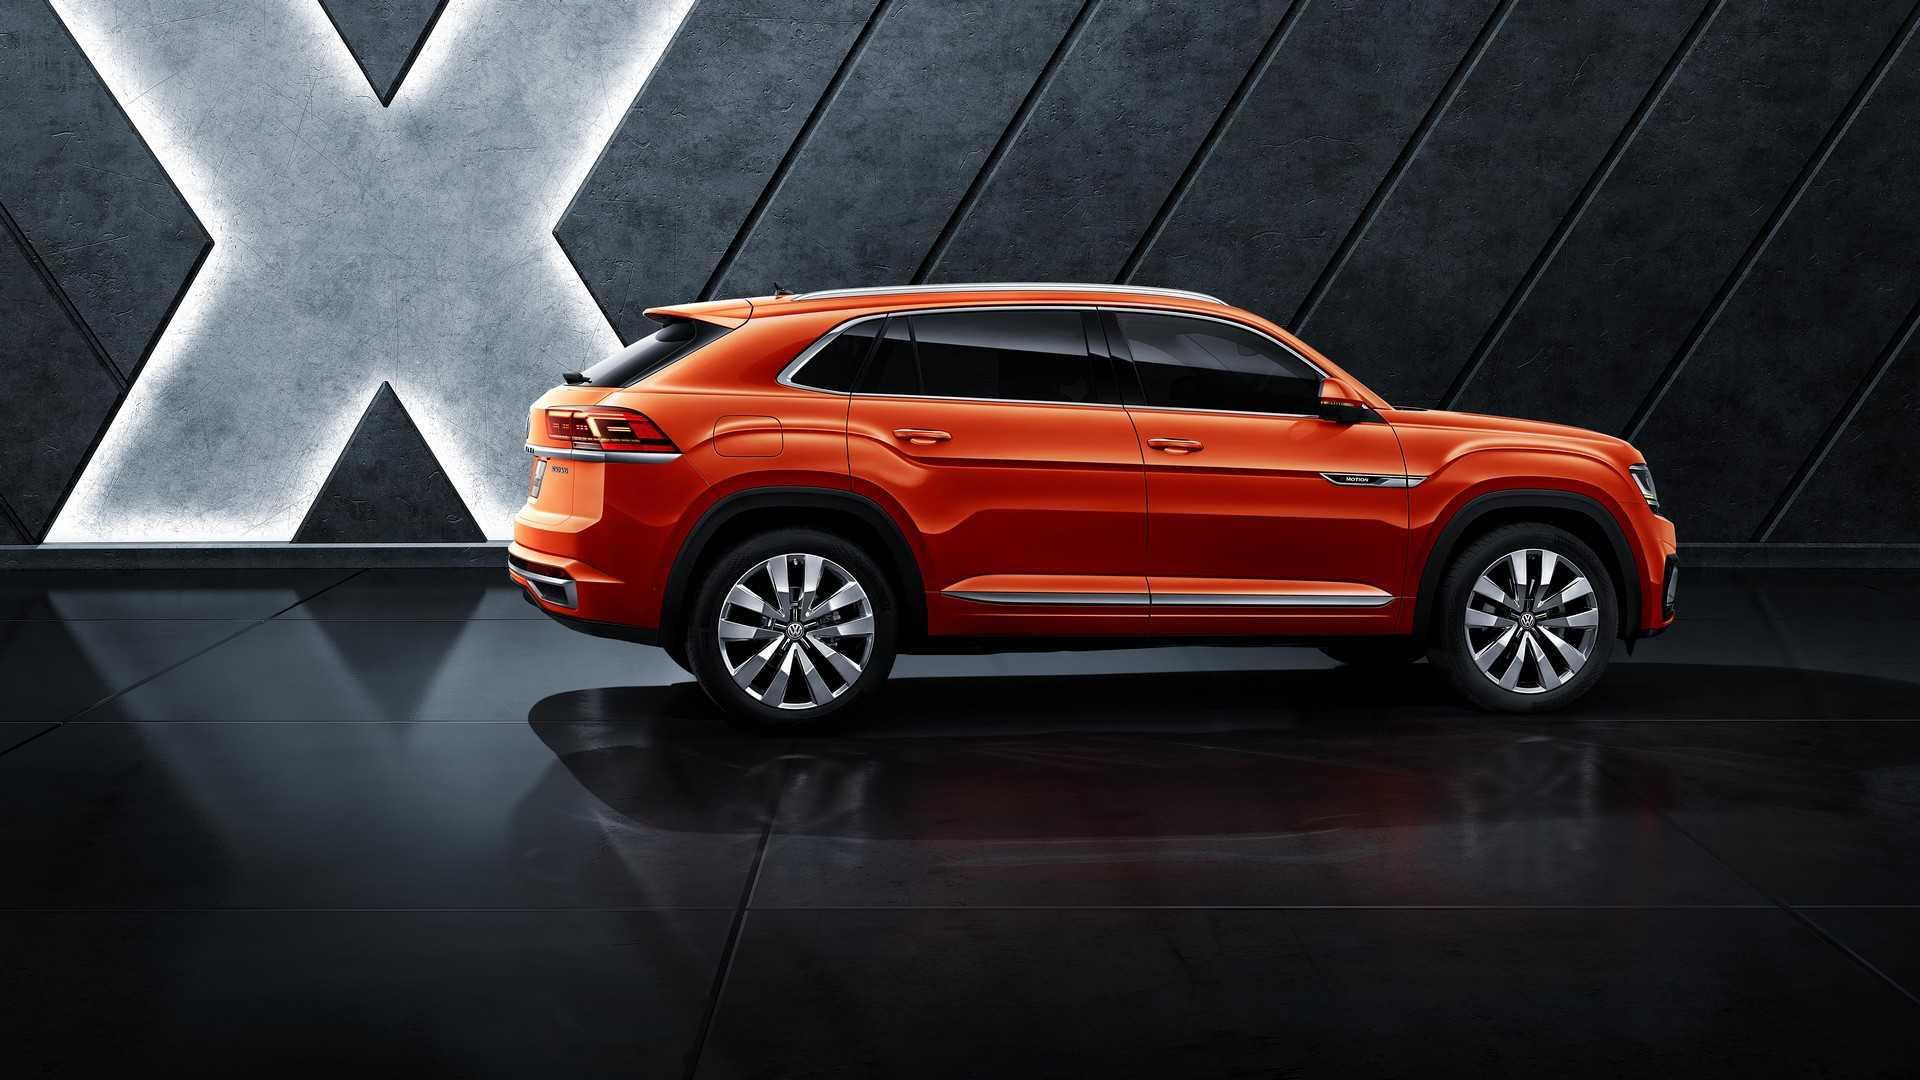 2020 Volkswagen Teramont X